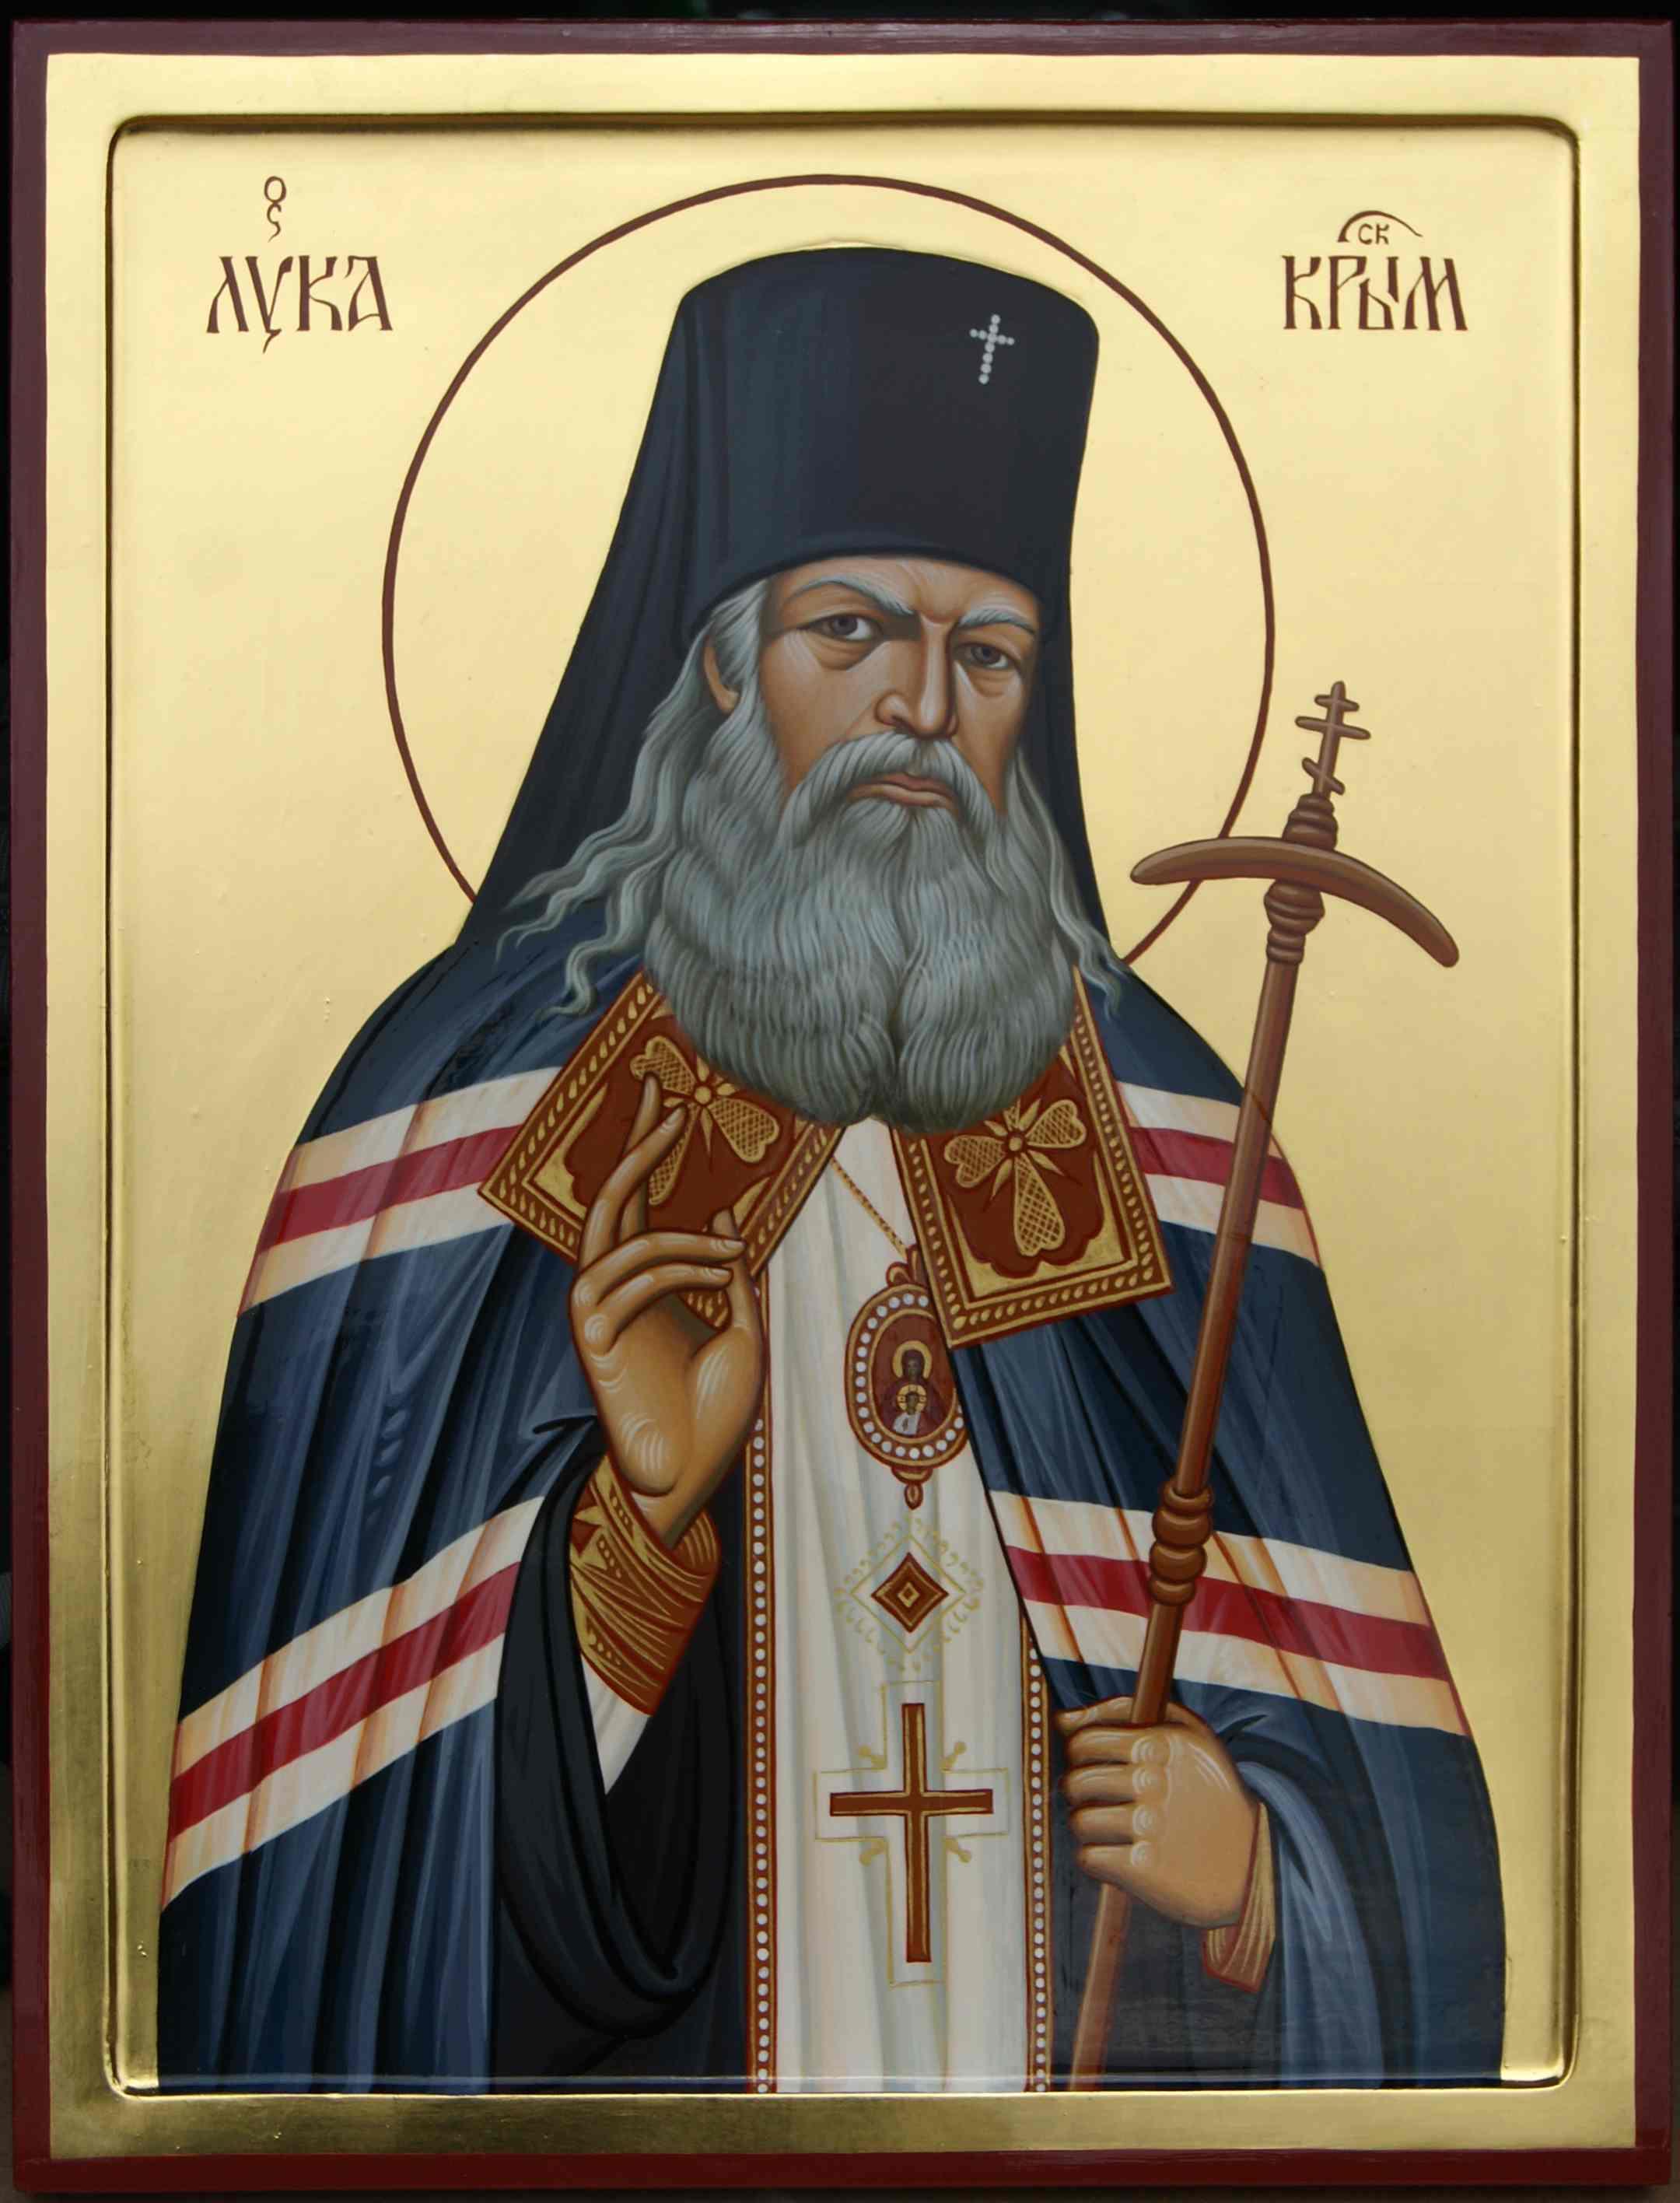 Лука крымский икона картинки